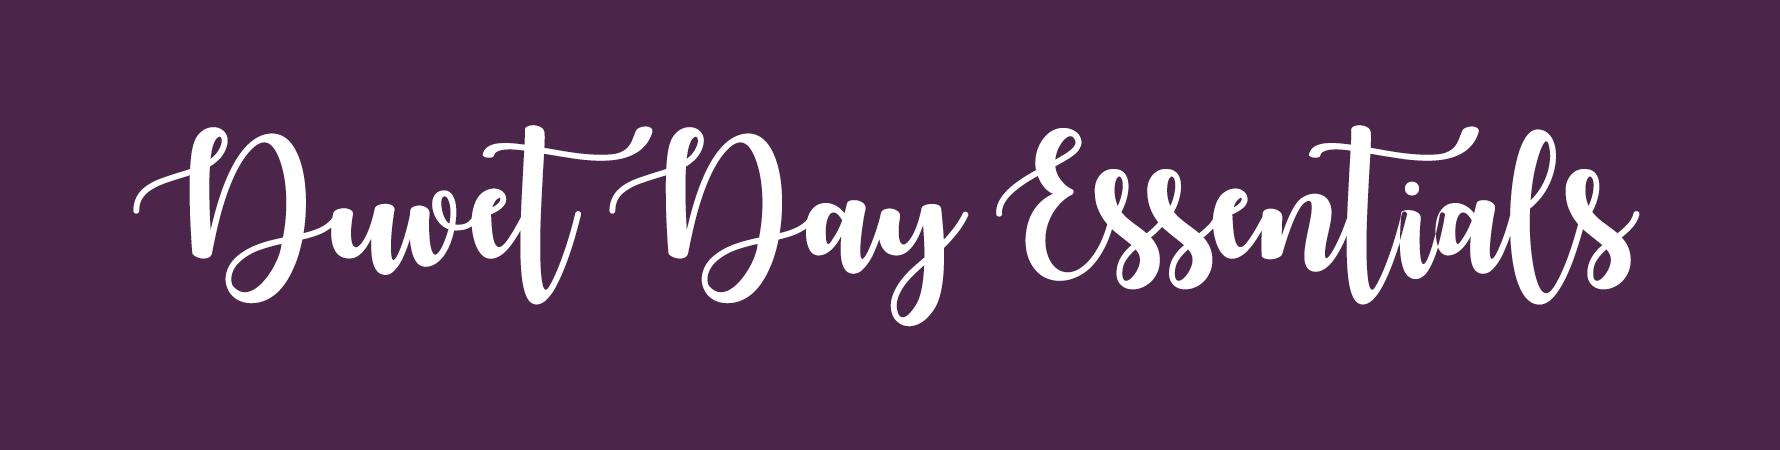 Duvet-Day-Essentials